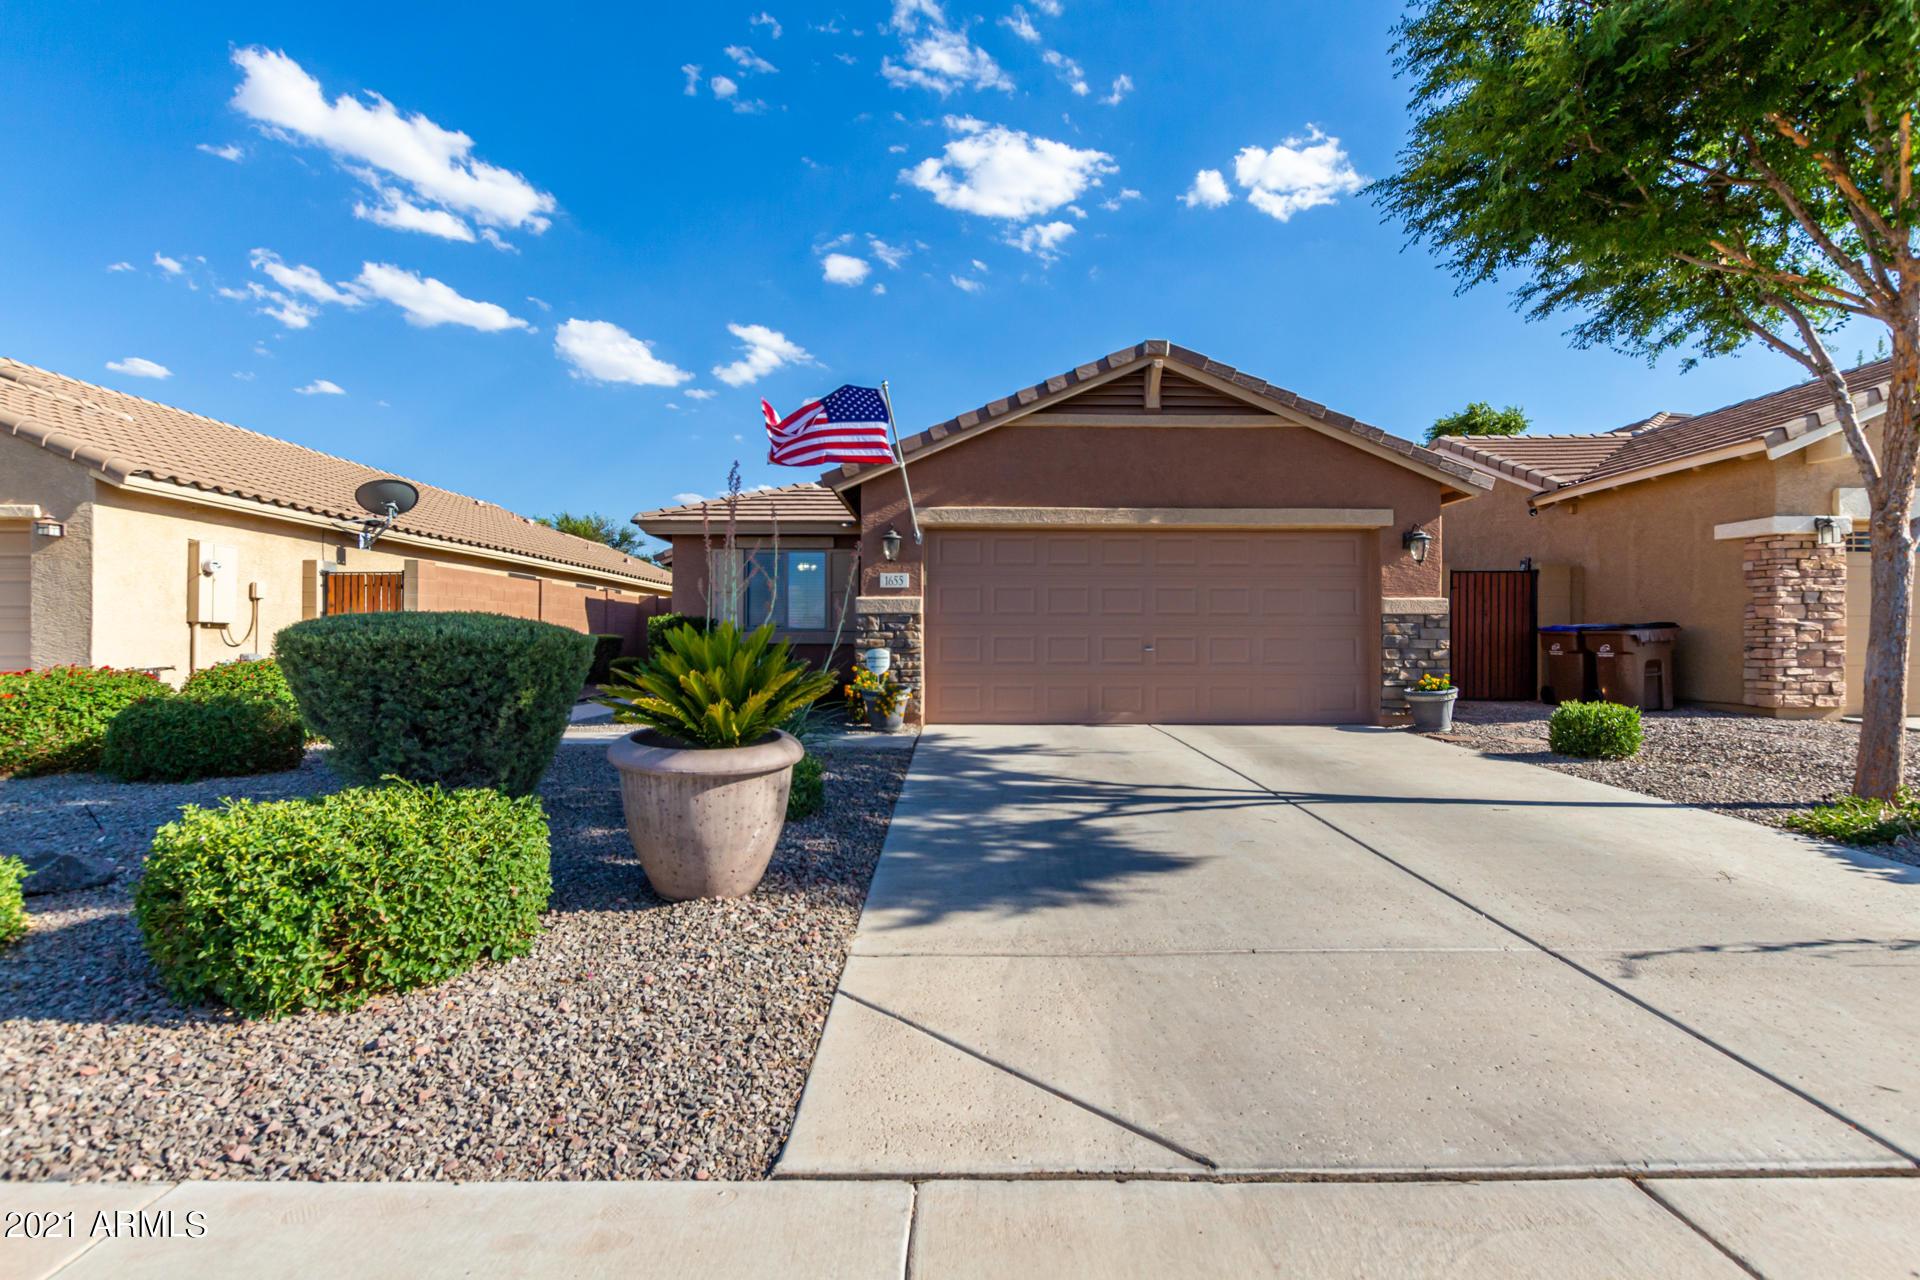 1655 MATTHEWS Drive, Queen Creek, Arizona 85142, 3 Bedrooms Bedrooms, ,2 BathroomsBathrooms,Residential,For Sale,MATTHEWS,6254801